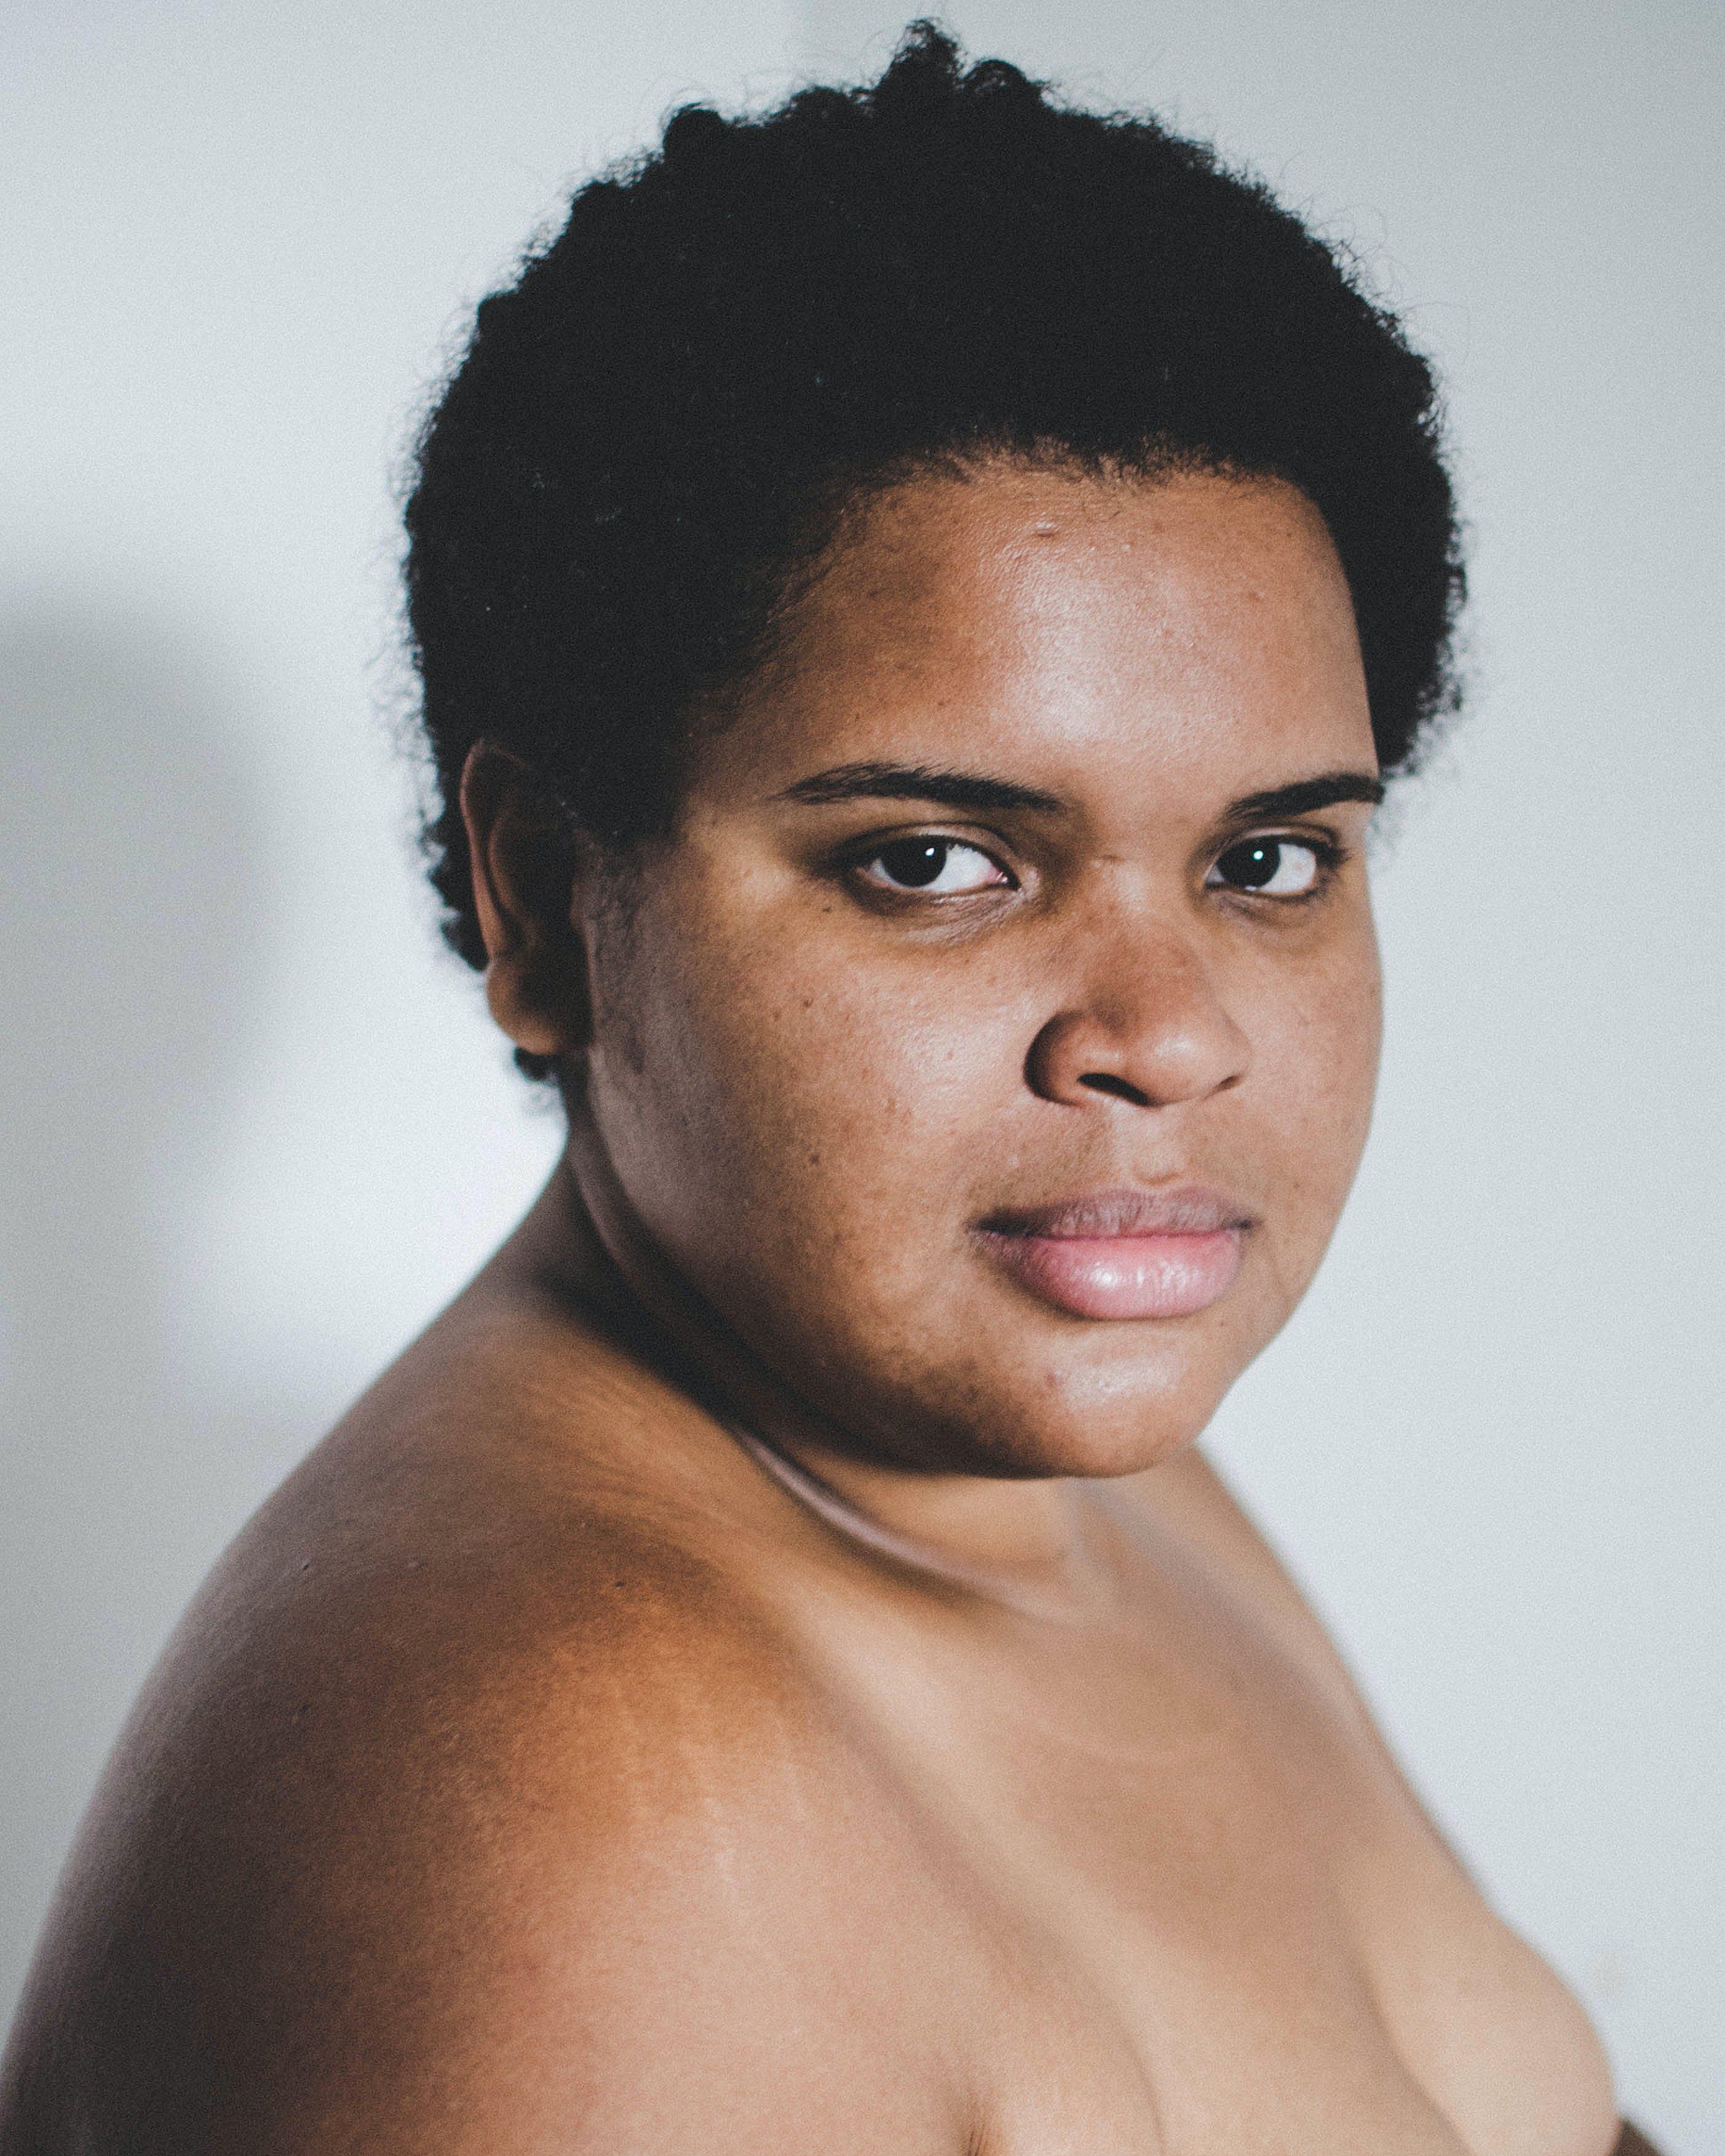 人, 半裸, 女人, 女孩 的 免费素材照片